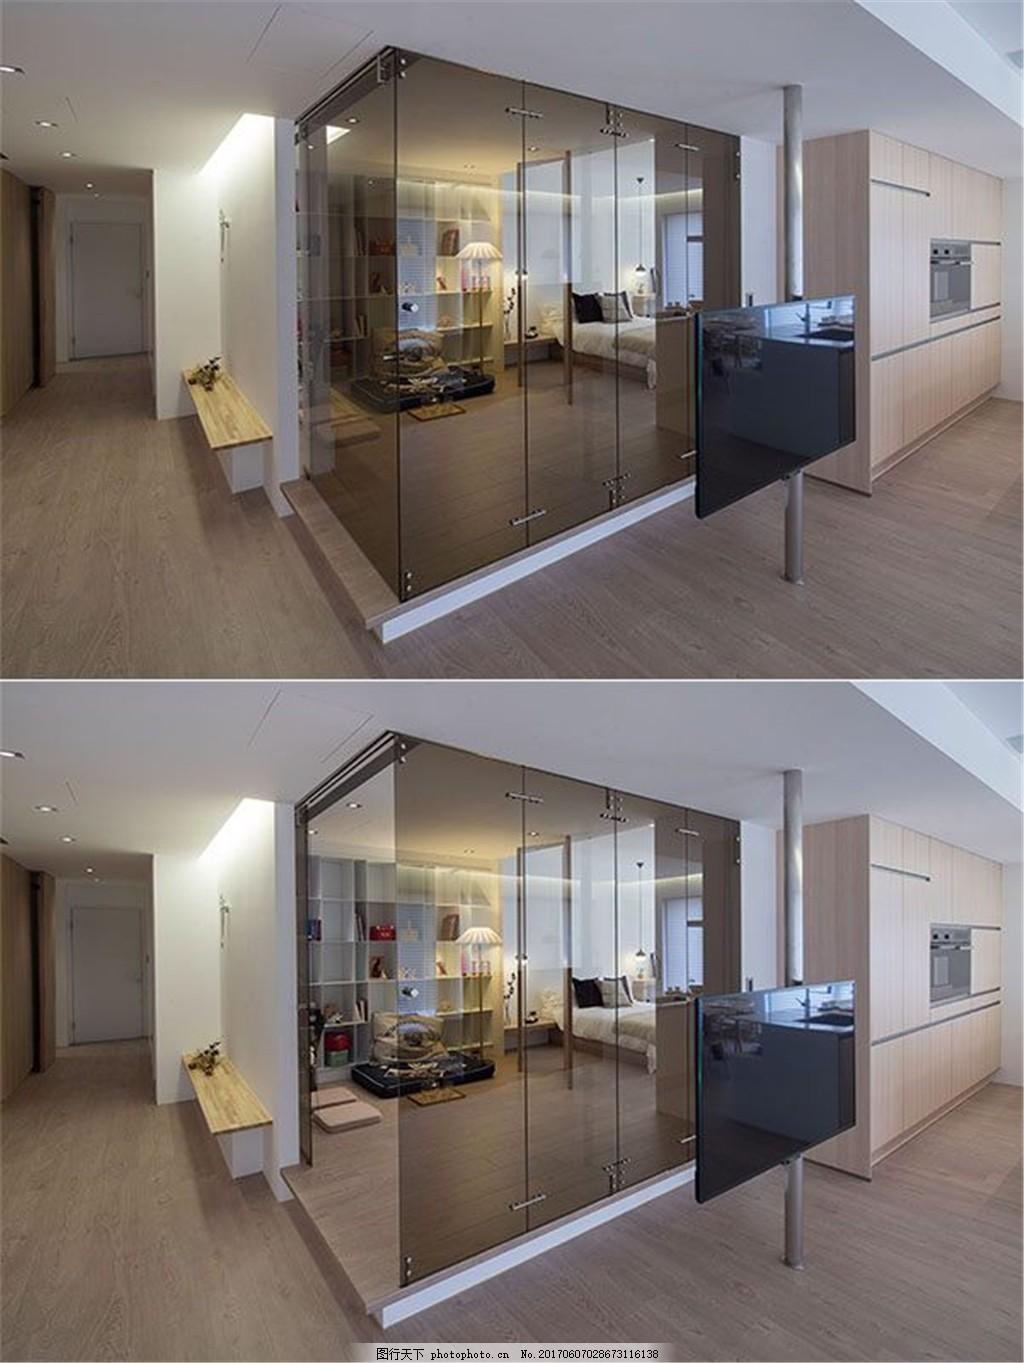 现代3d模型装修效果图 室内装修效果图图片免费下载 室内设计 设计